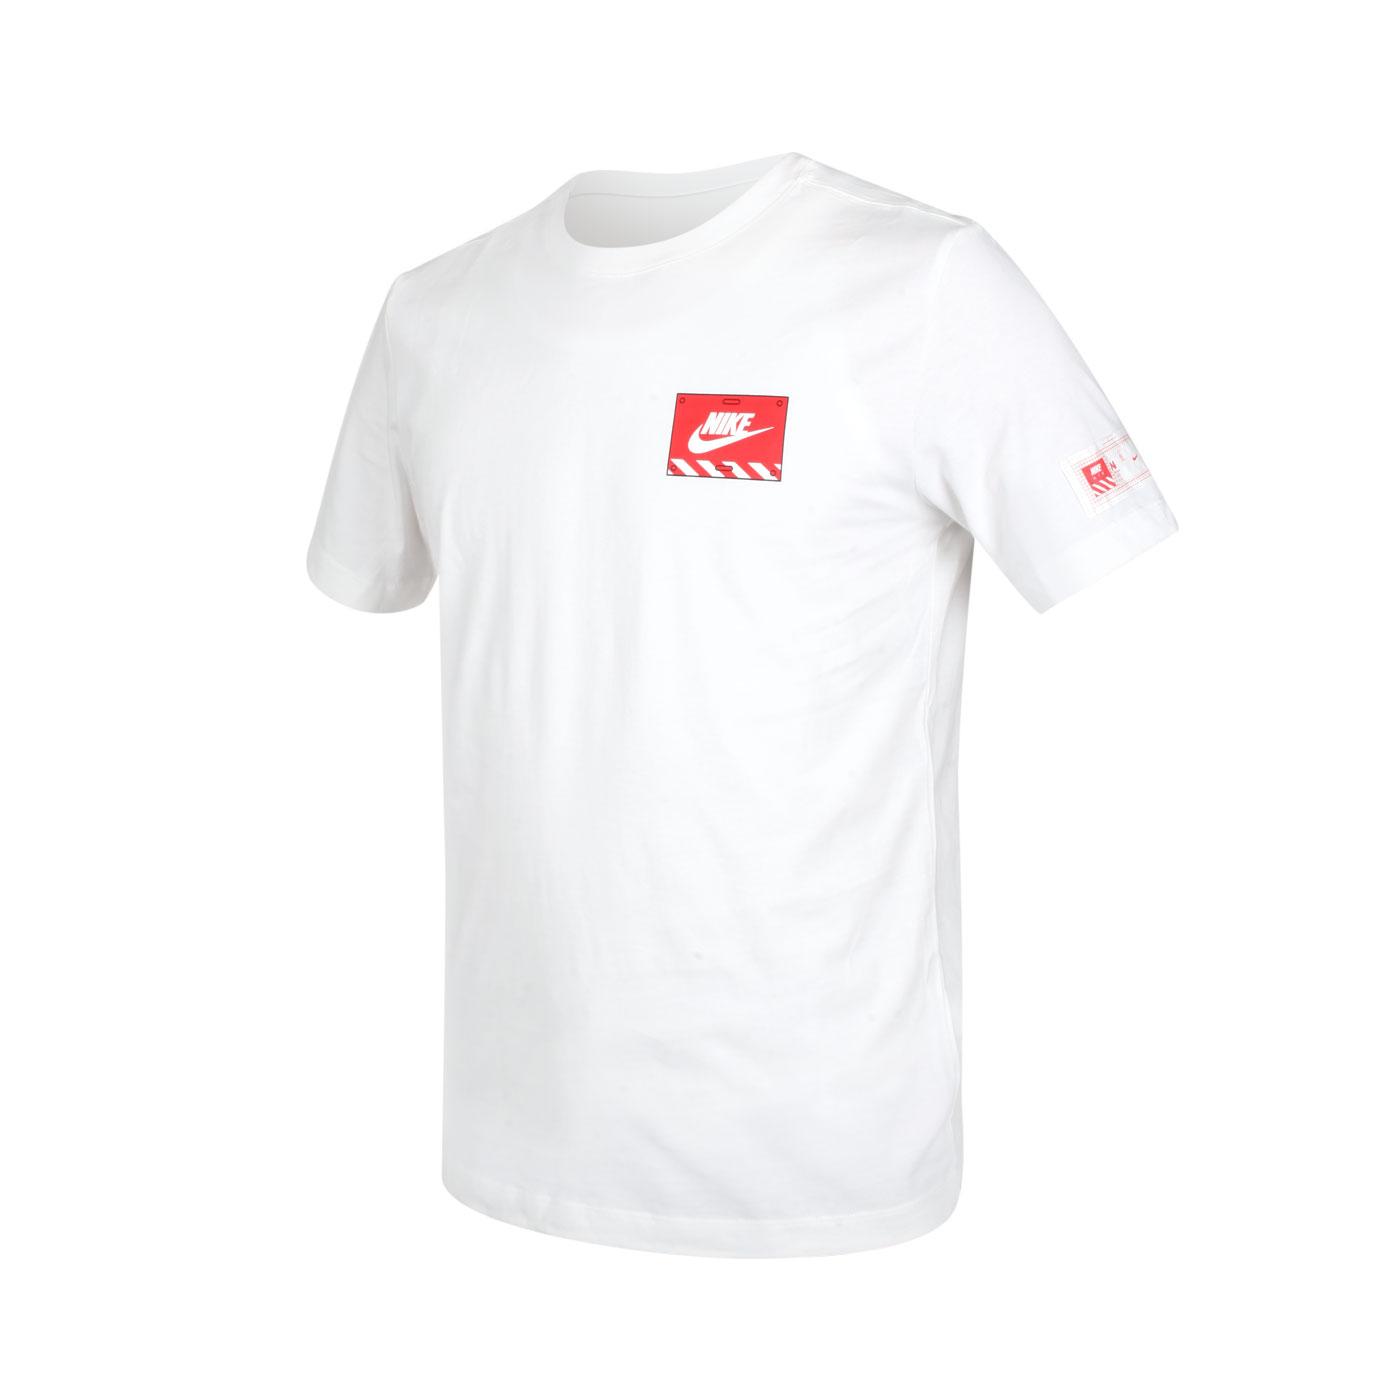 NIKE 男款短袖T恤 DJ1398-100 - 白紅